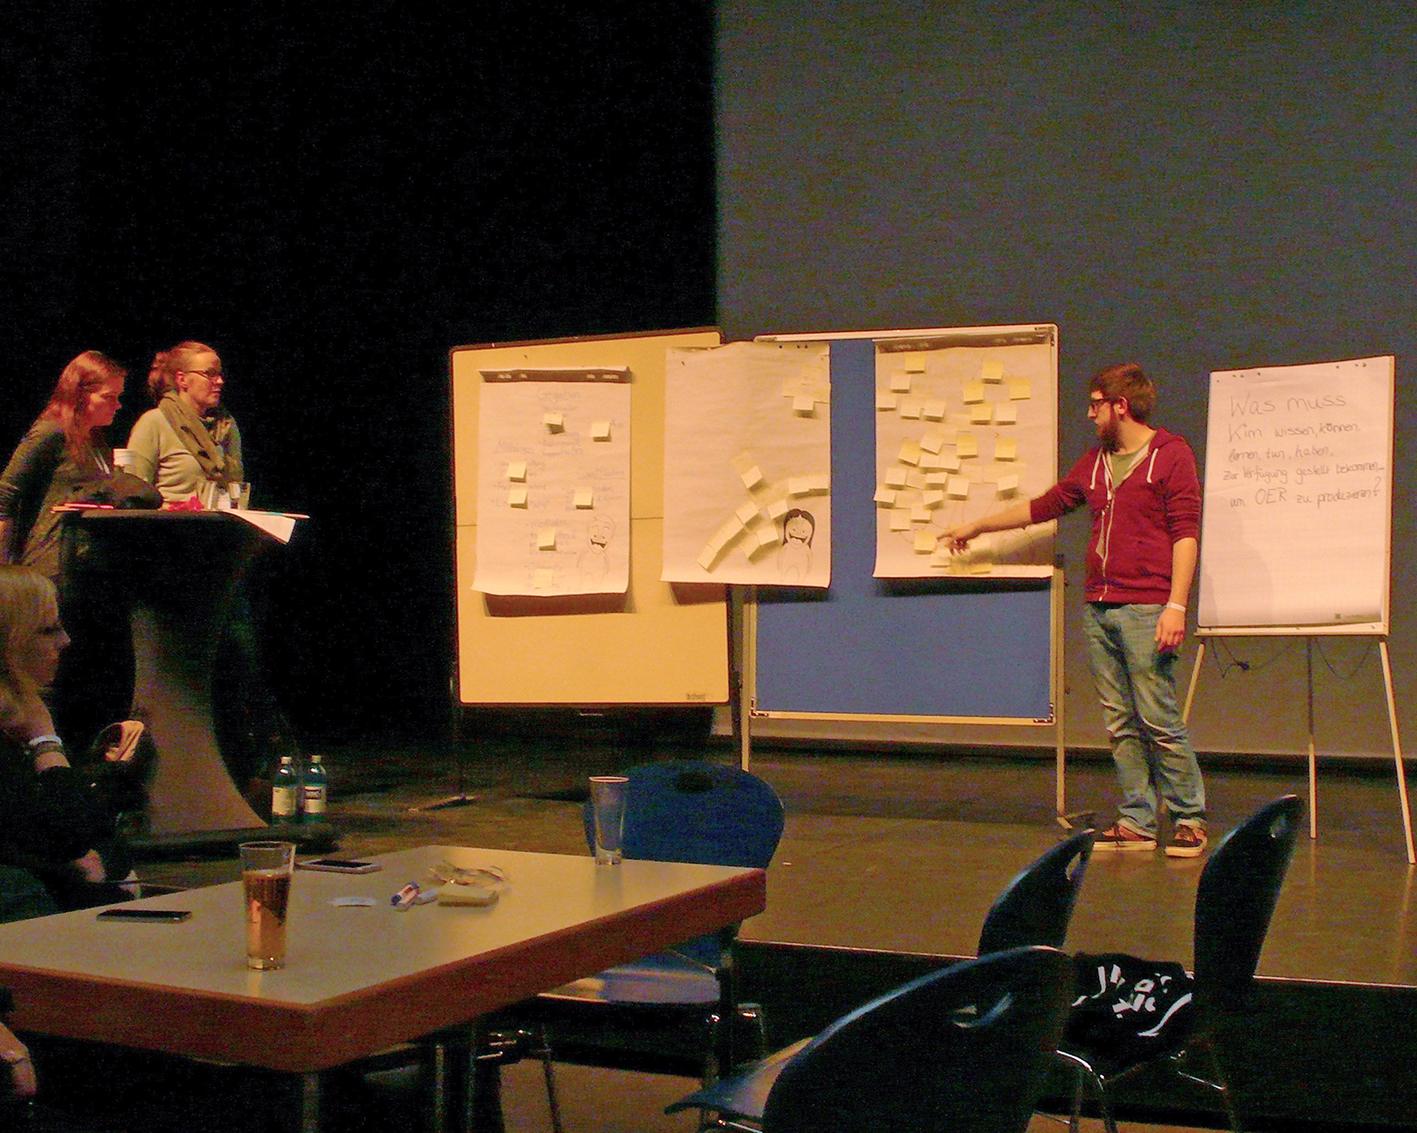 Blick auf eine Bühne, die von gelblichem Licht beleuchtet wird. Links im Bild zwei Frauen. In der Mitte stehen zwei Pinnwände mit mehreren Post-Its nebeneinander darauf. Rechts davon ein Mann der mit dem Finger auf ein Post-It zeigt.